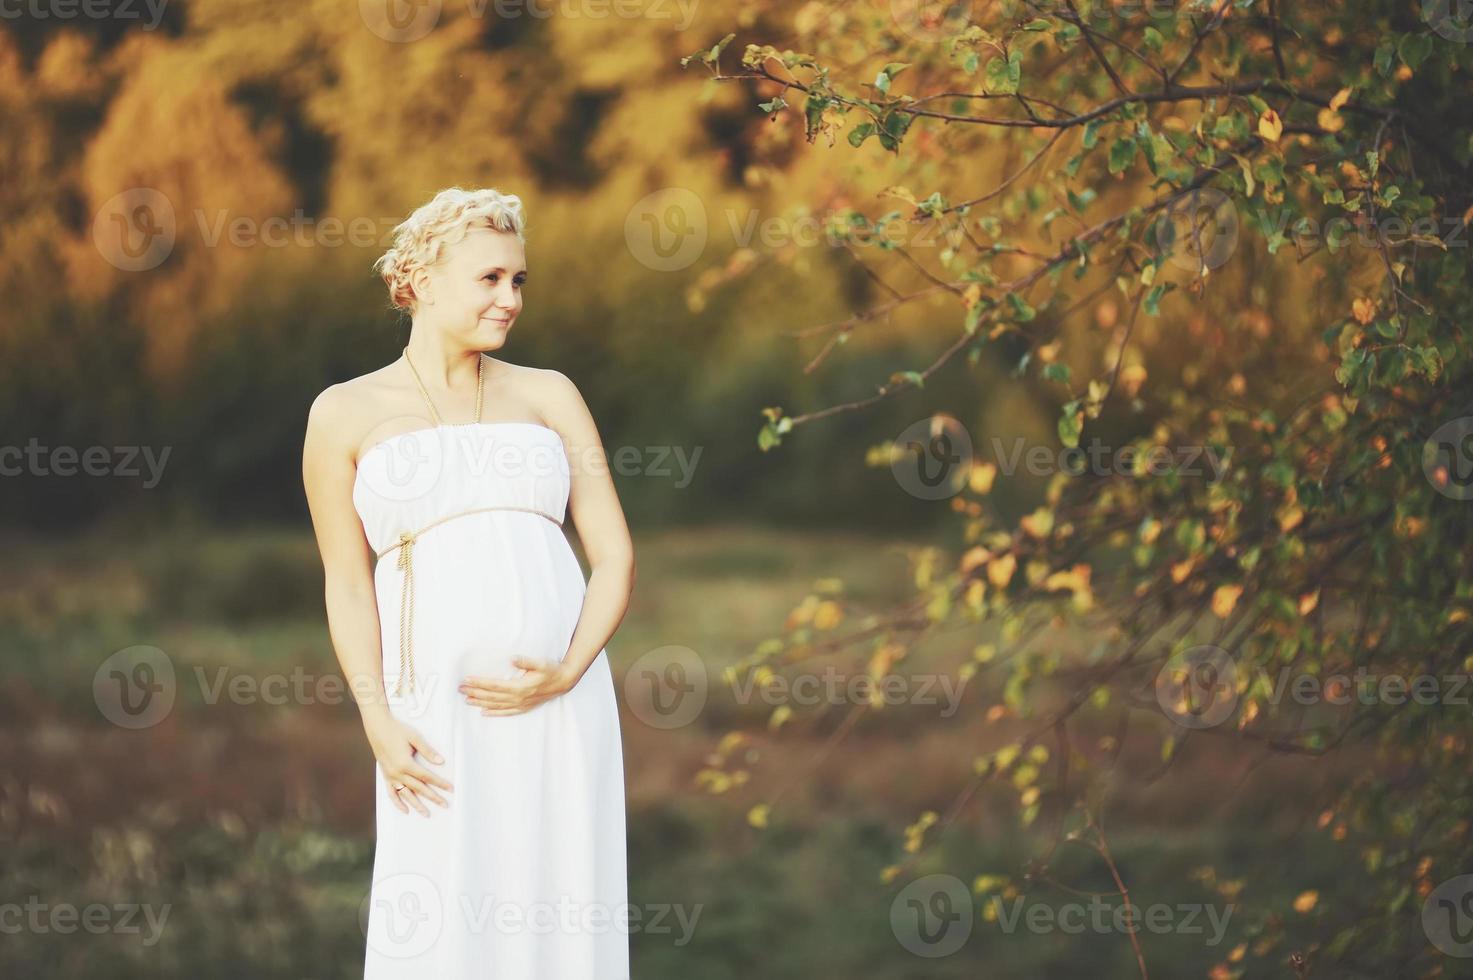 belle jeune femme enceinte à l'extérieur, photo chaude et ensoleillée